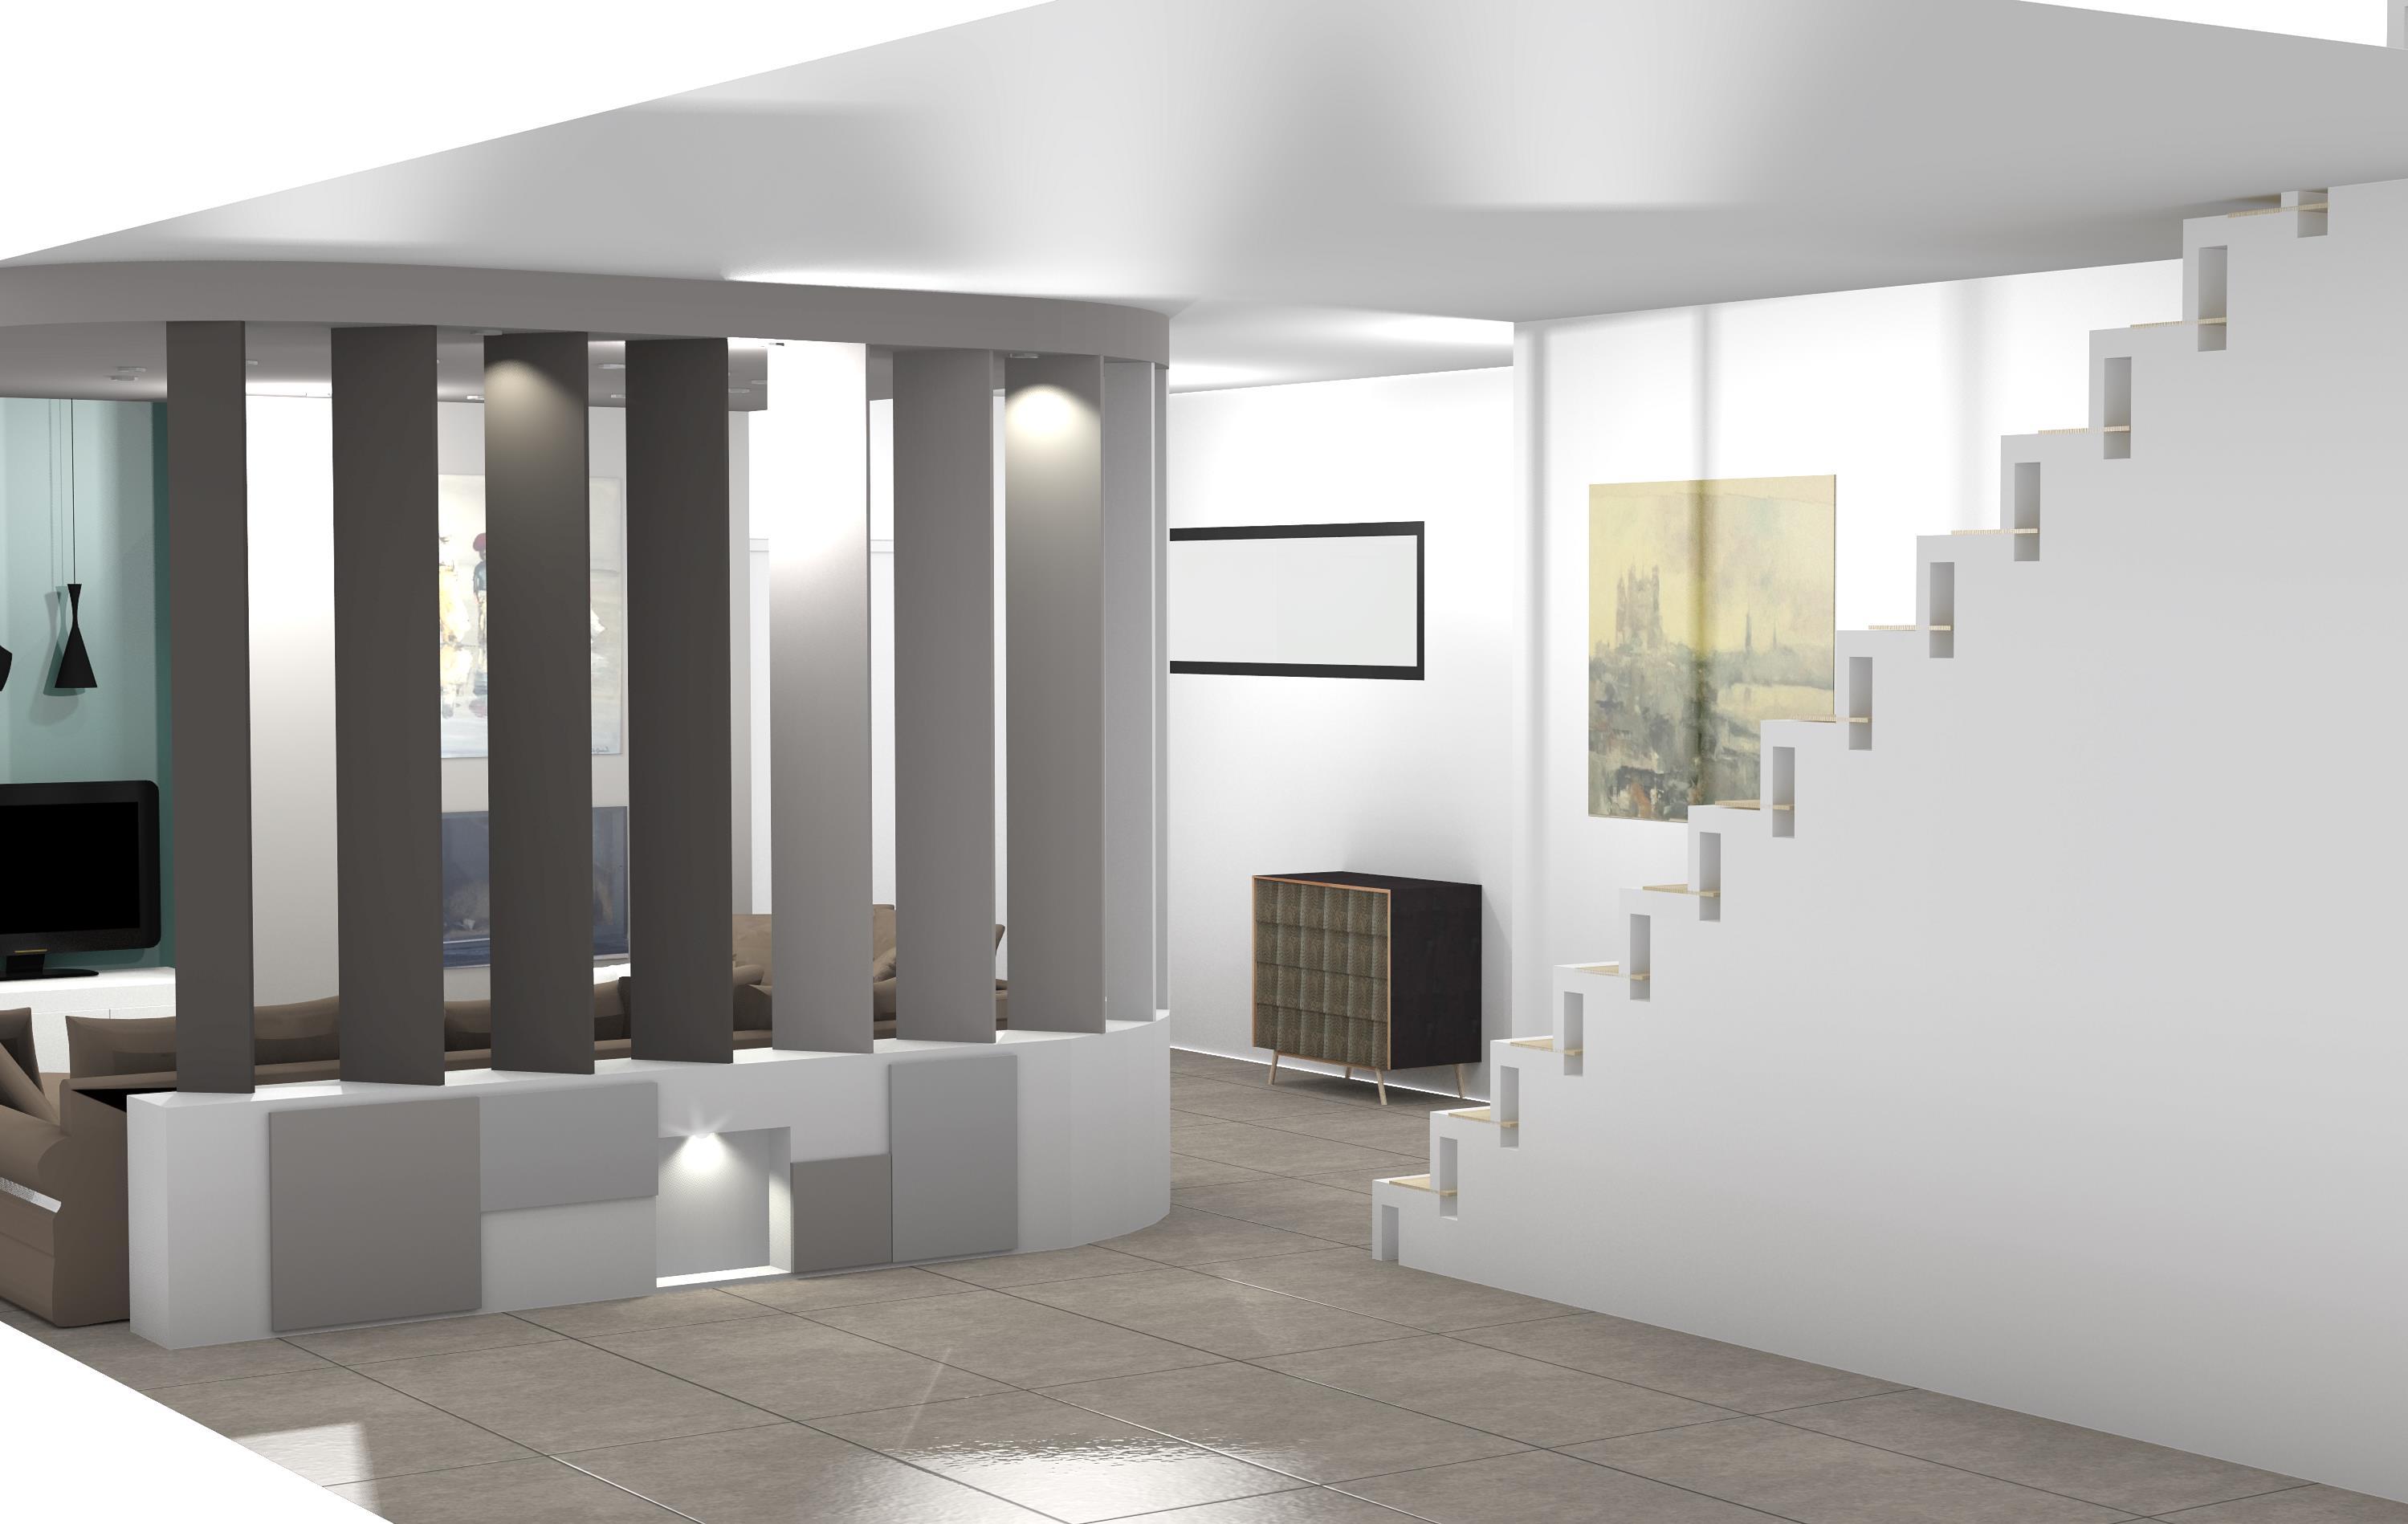 Decoration Interieur Entree Facade Meuble Cuisine U